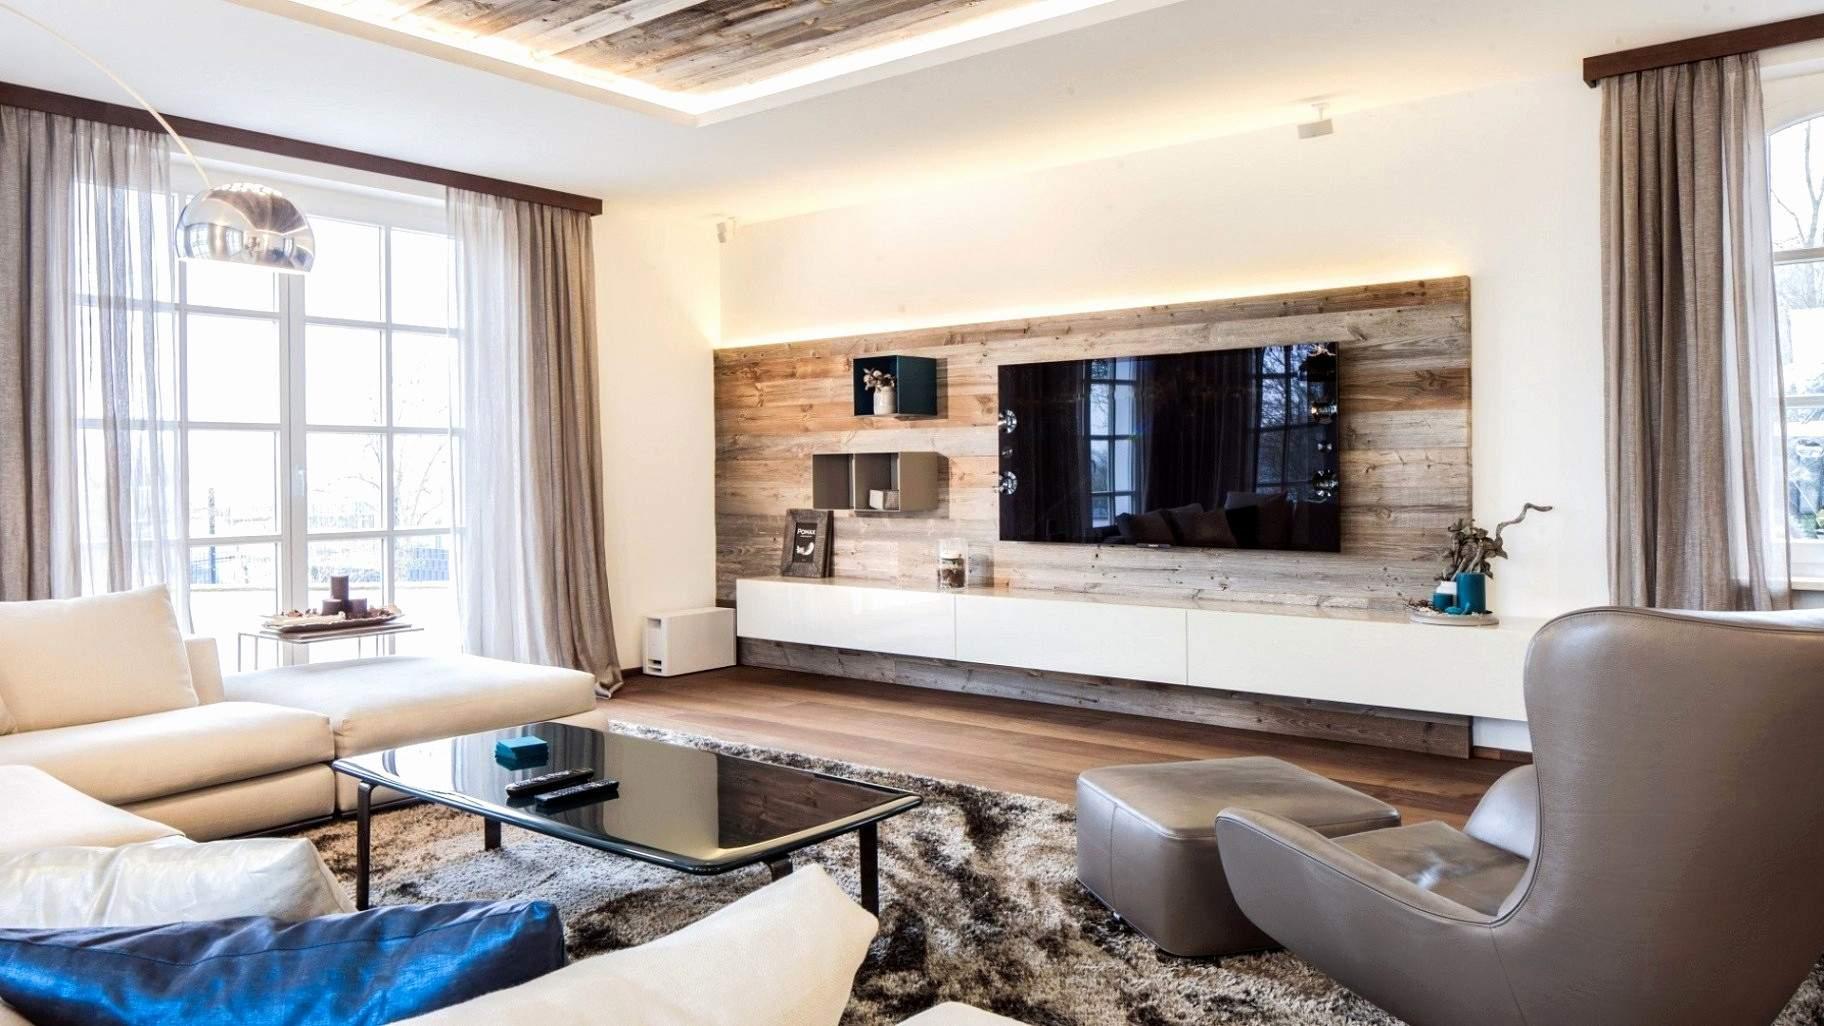 deko wohnzimmer modern luxus moderne deko wohnzimmer elegant wohnzimmer ideen modern of deko wohnzimmer modern